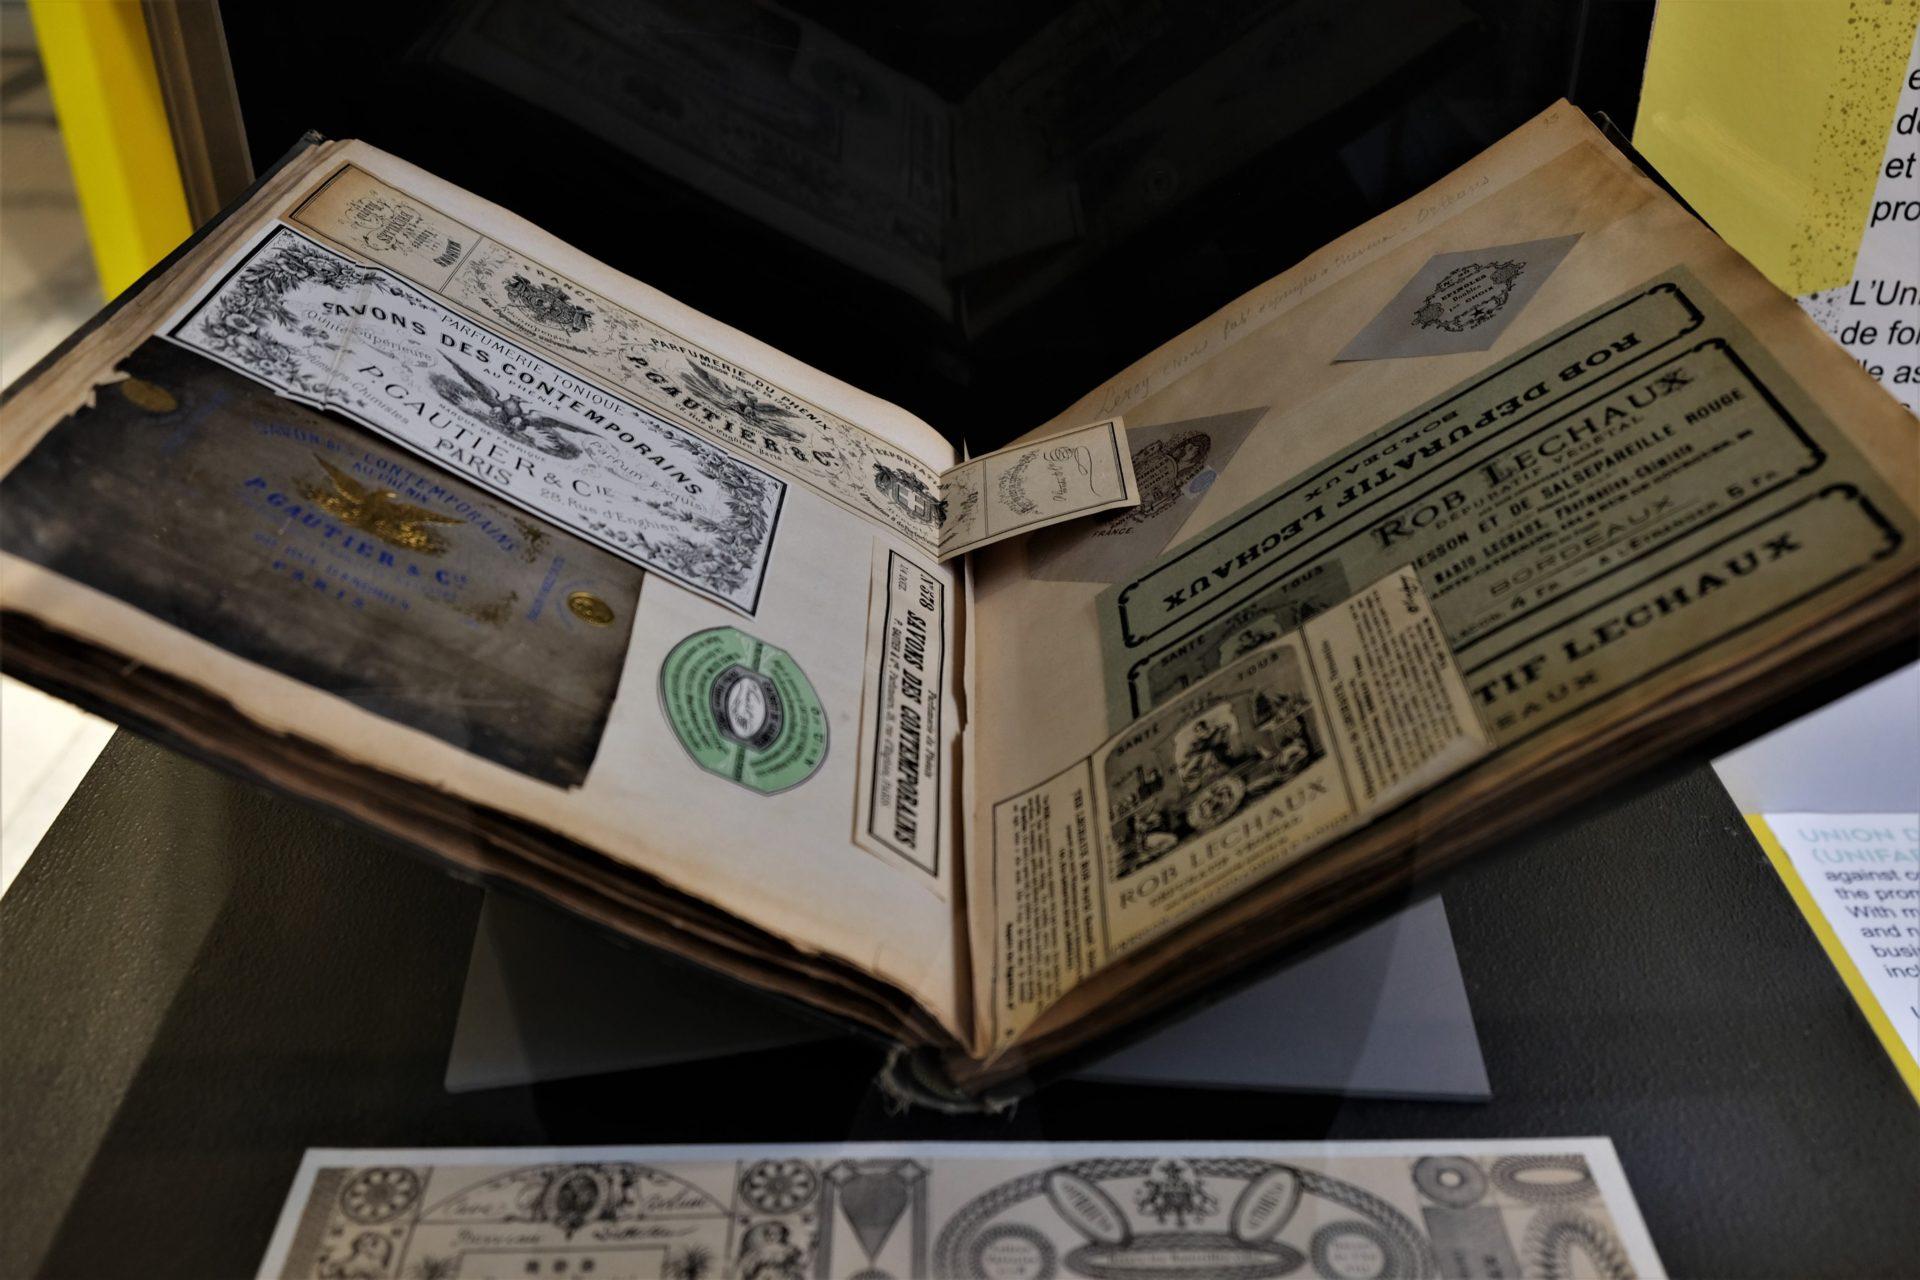 La collection singulière du Musée de la Contrefaçon